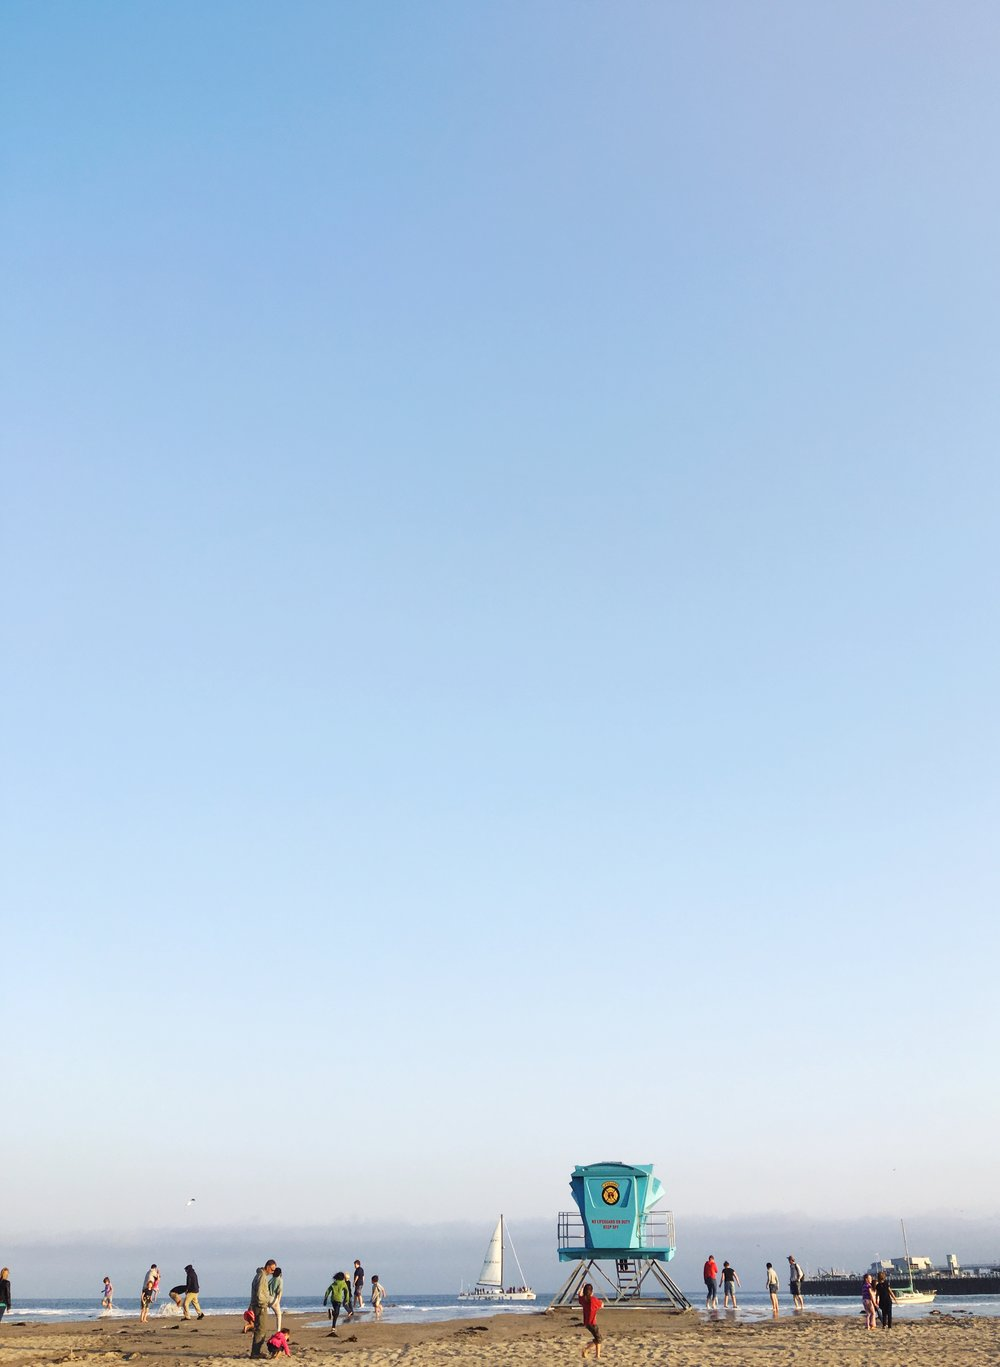 Lifeguard Station at the Santa Cruz Beach